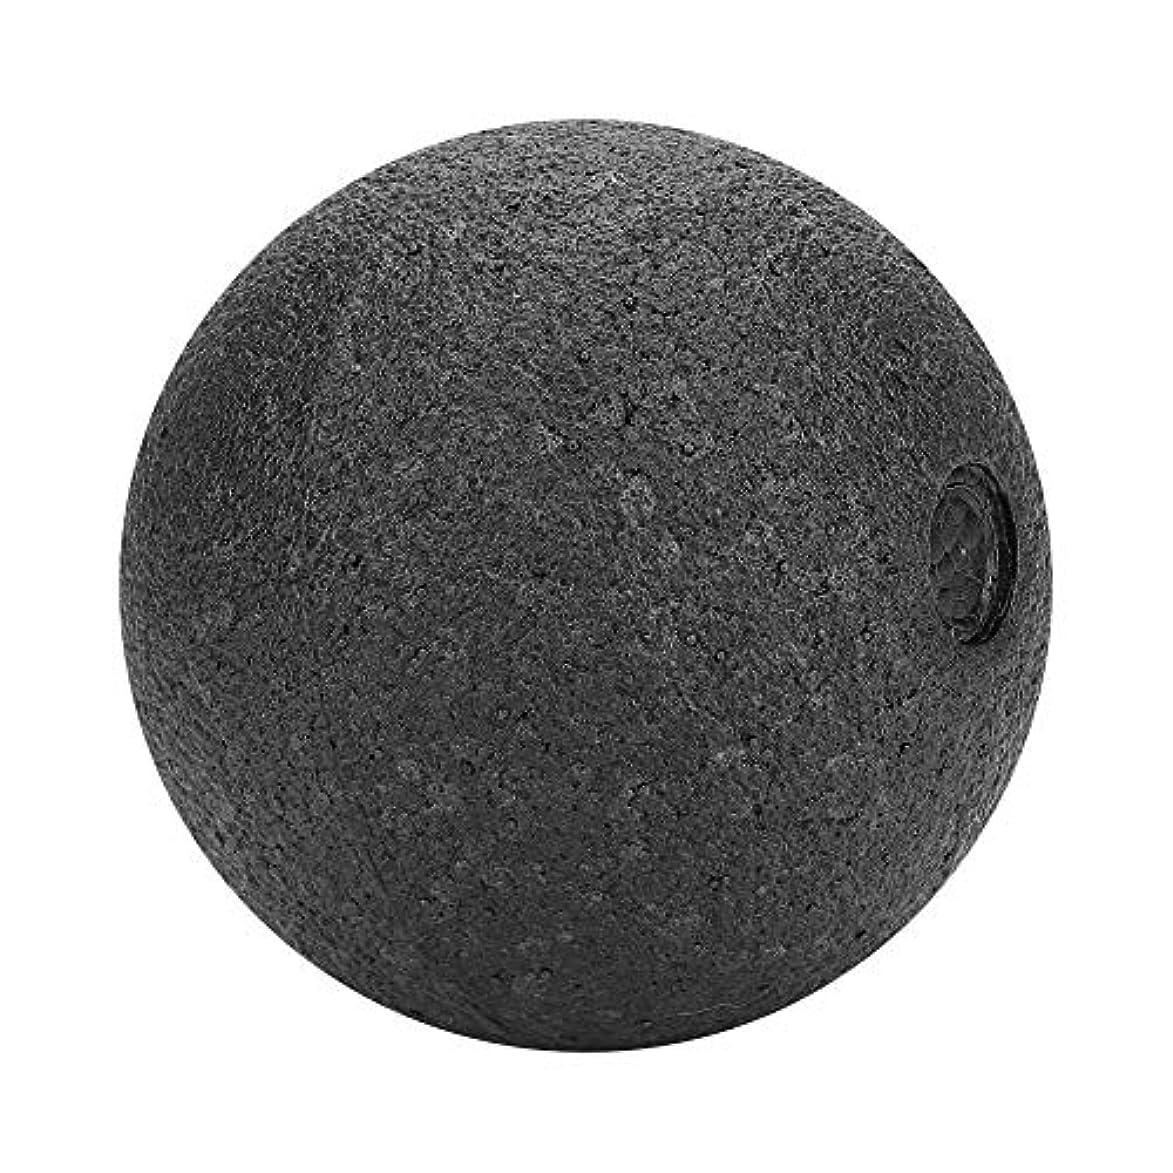 ワークショップ平方システムマッサージボール ストレッチボール トリガーポイント マッサージボール 指圧ボールマッスルマッサージボール、首 腰 背中 肩こり 足裏 ツボ押しグッズ 疲労回復 むくみ解消